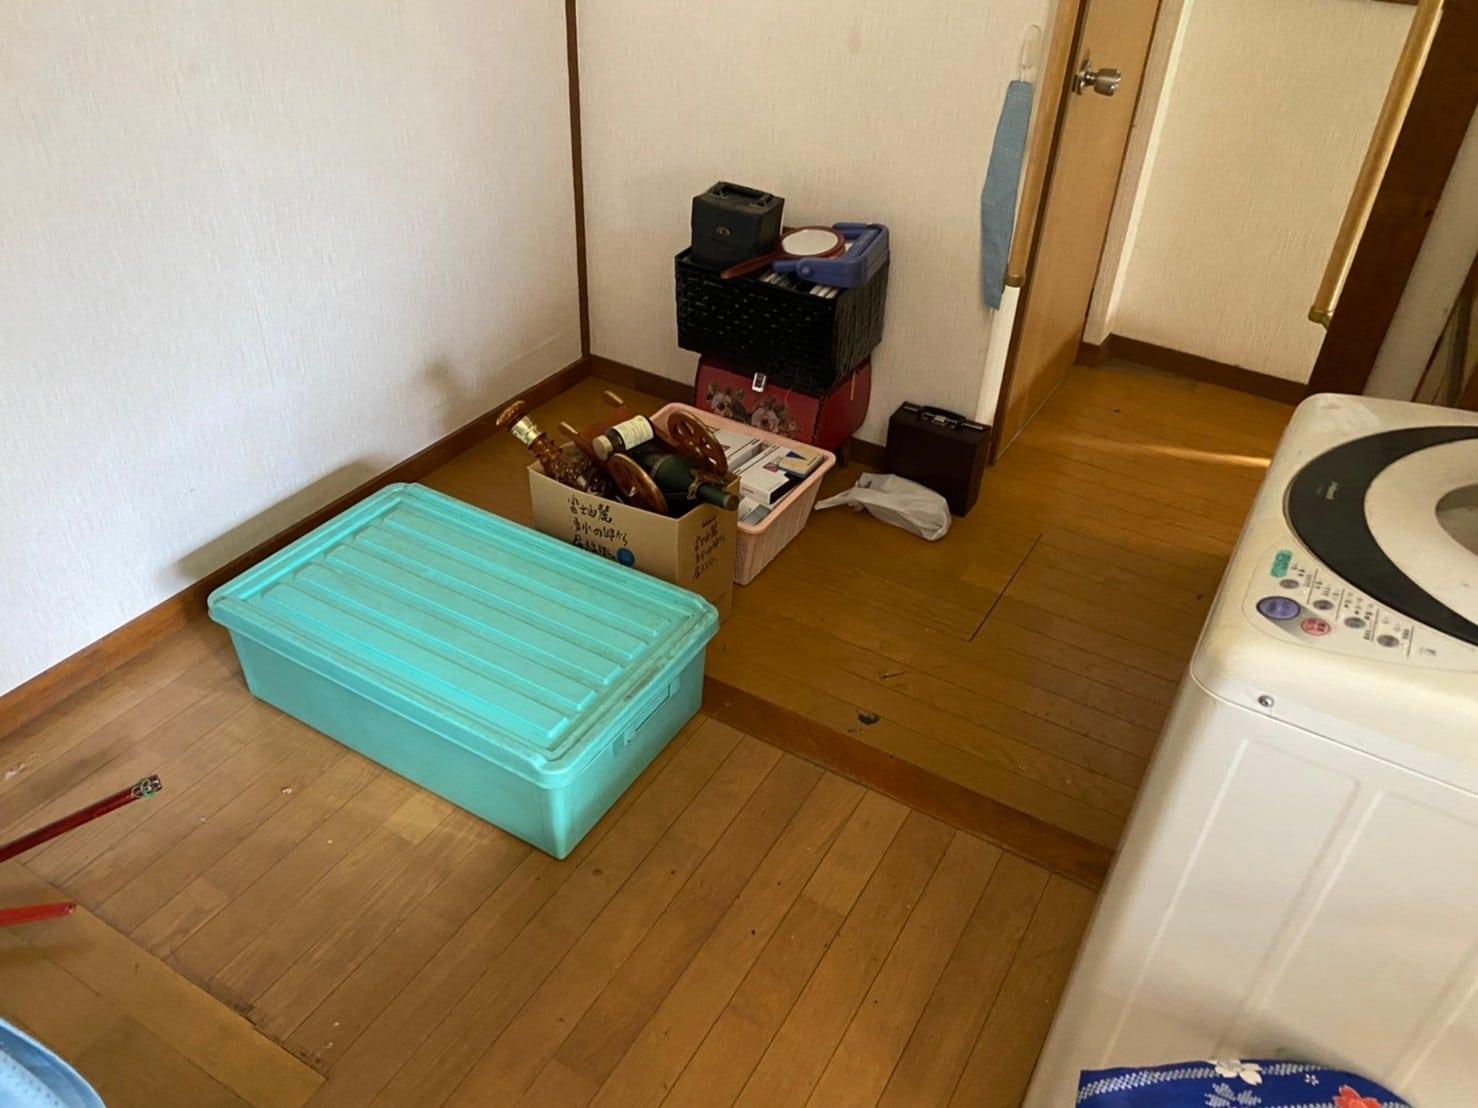 横浜市で遺品整理をご依頼いただきました